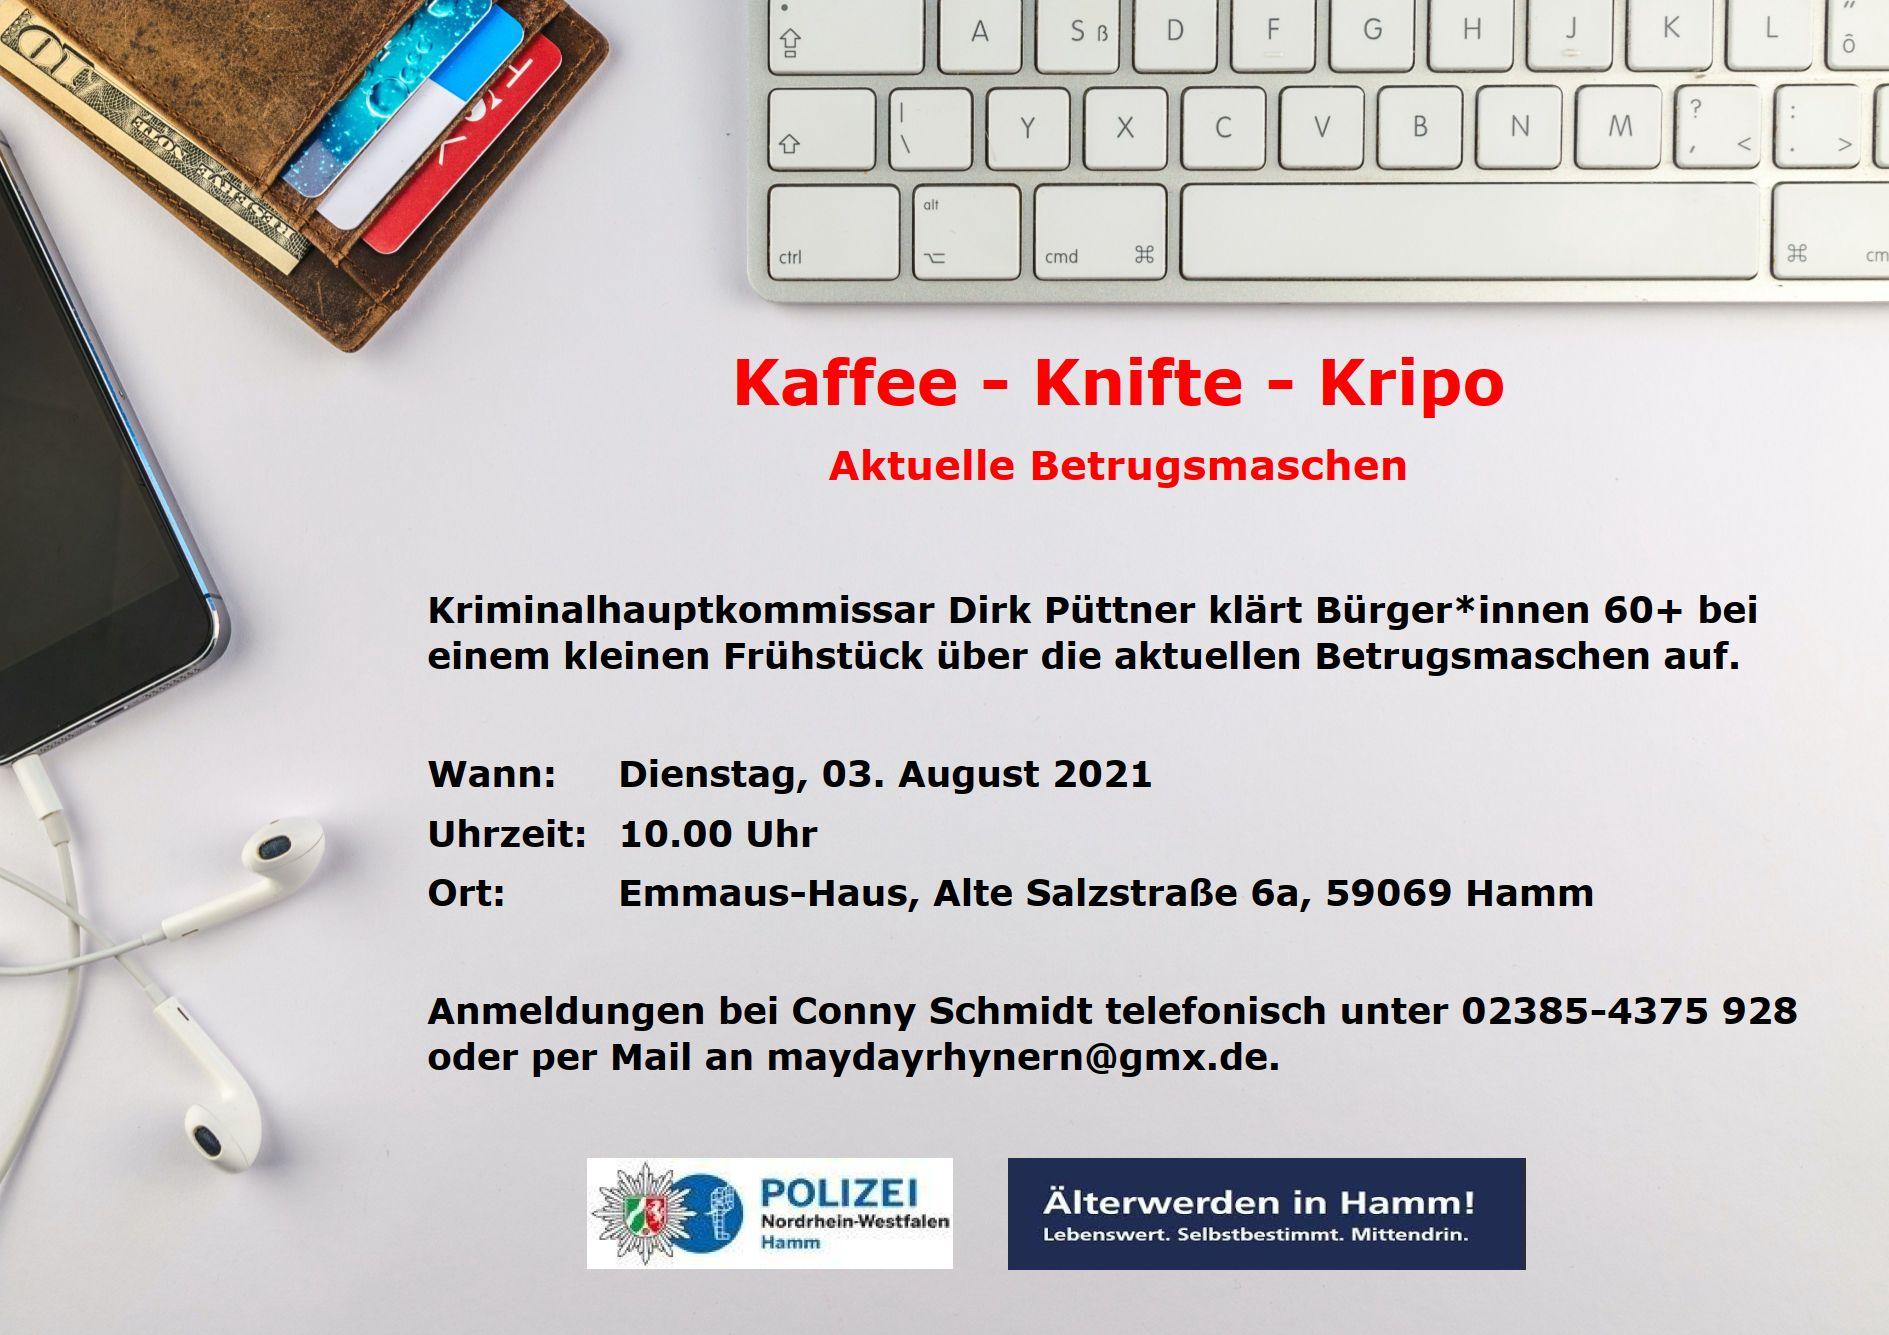 Kaffee – Knifte – Kripo